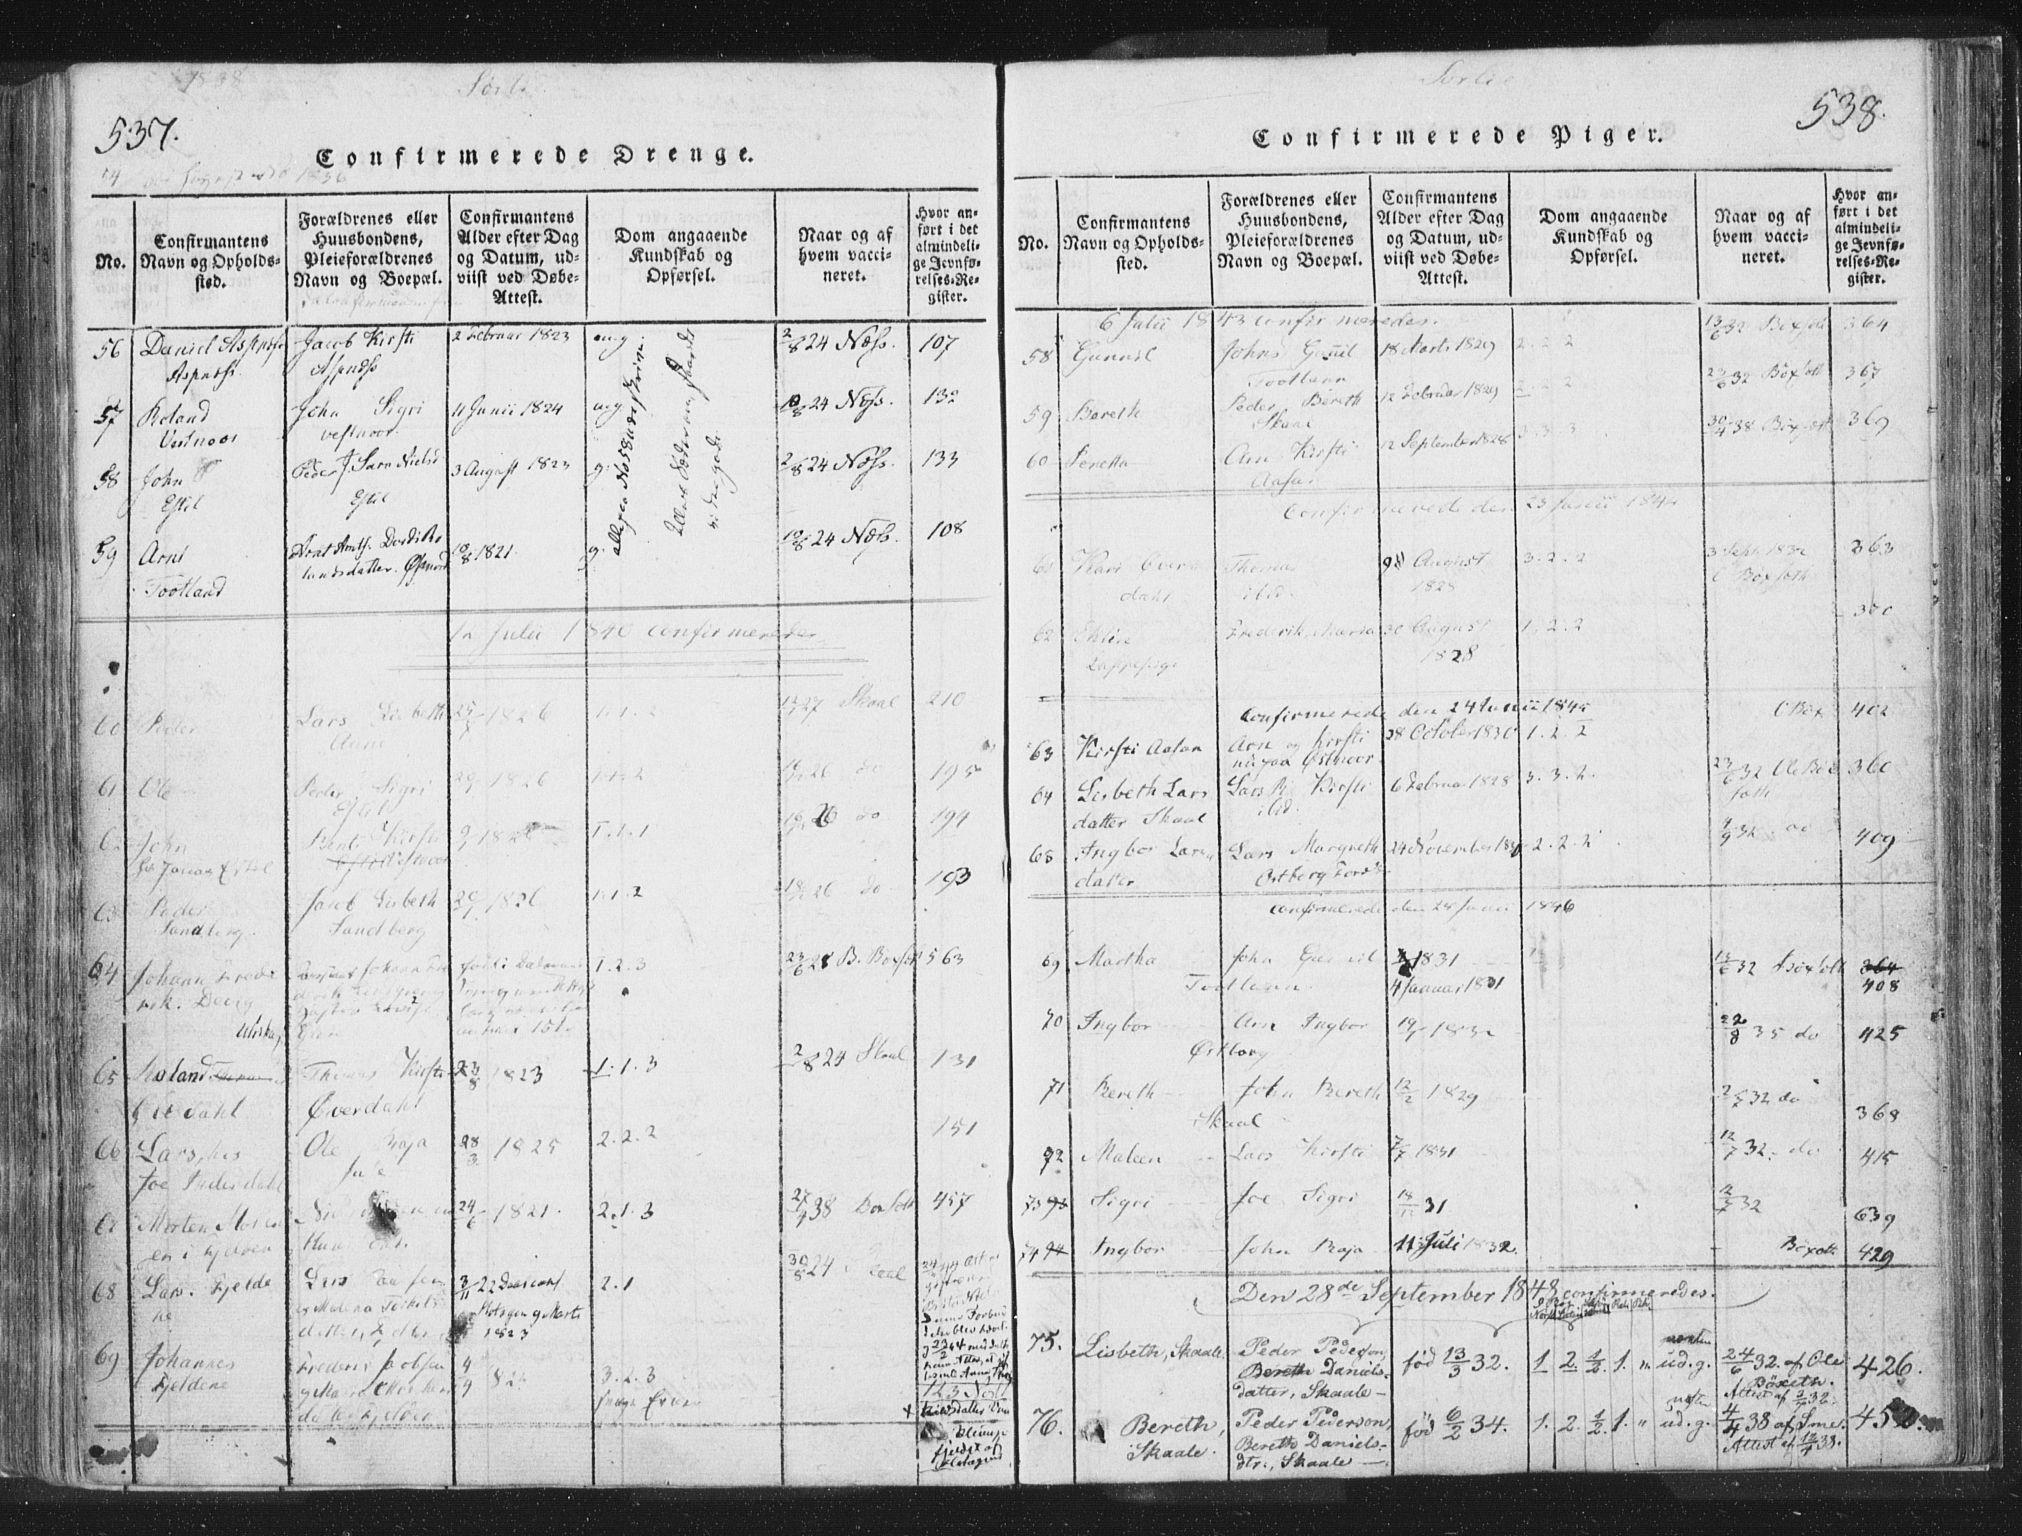 SAT, Ministerialprotokoller, klokkerbøker og fødselsregistre - Nord-Trøndelag, 755/L0491: Ministerialbok nr. 755A01 /2, 1817-1864, s. 537-538